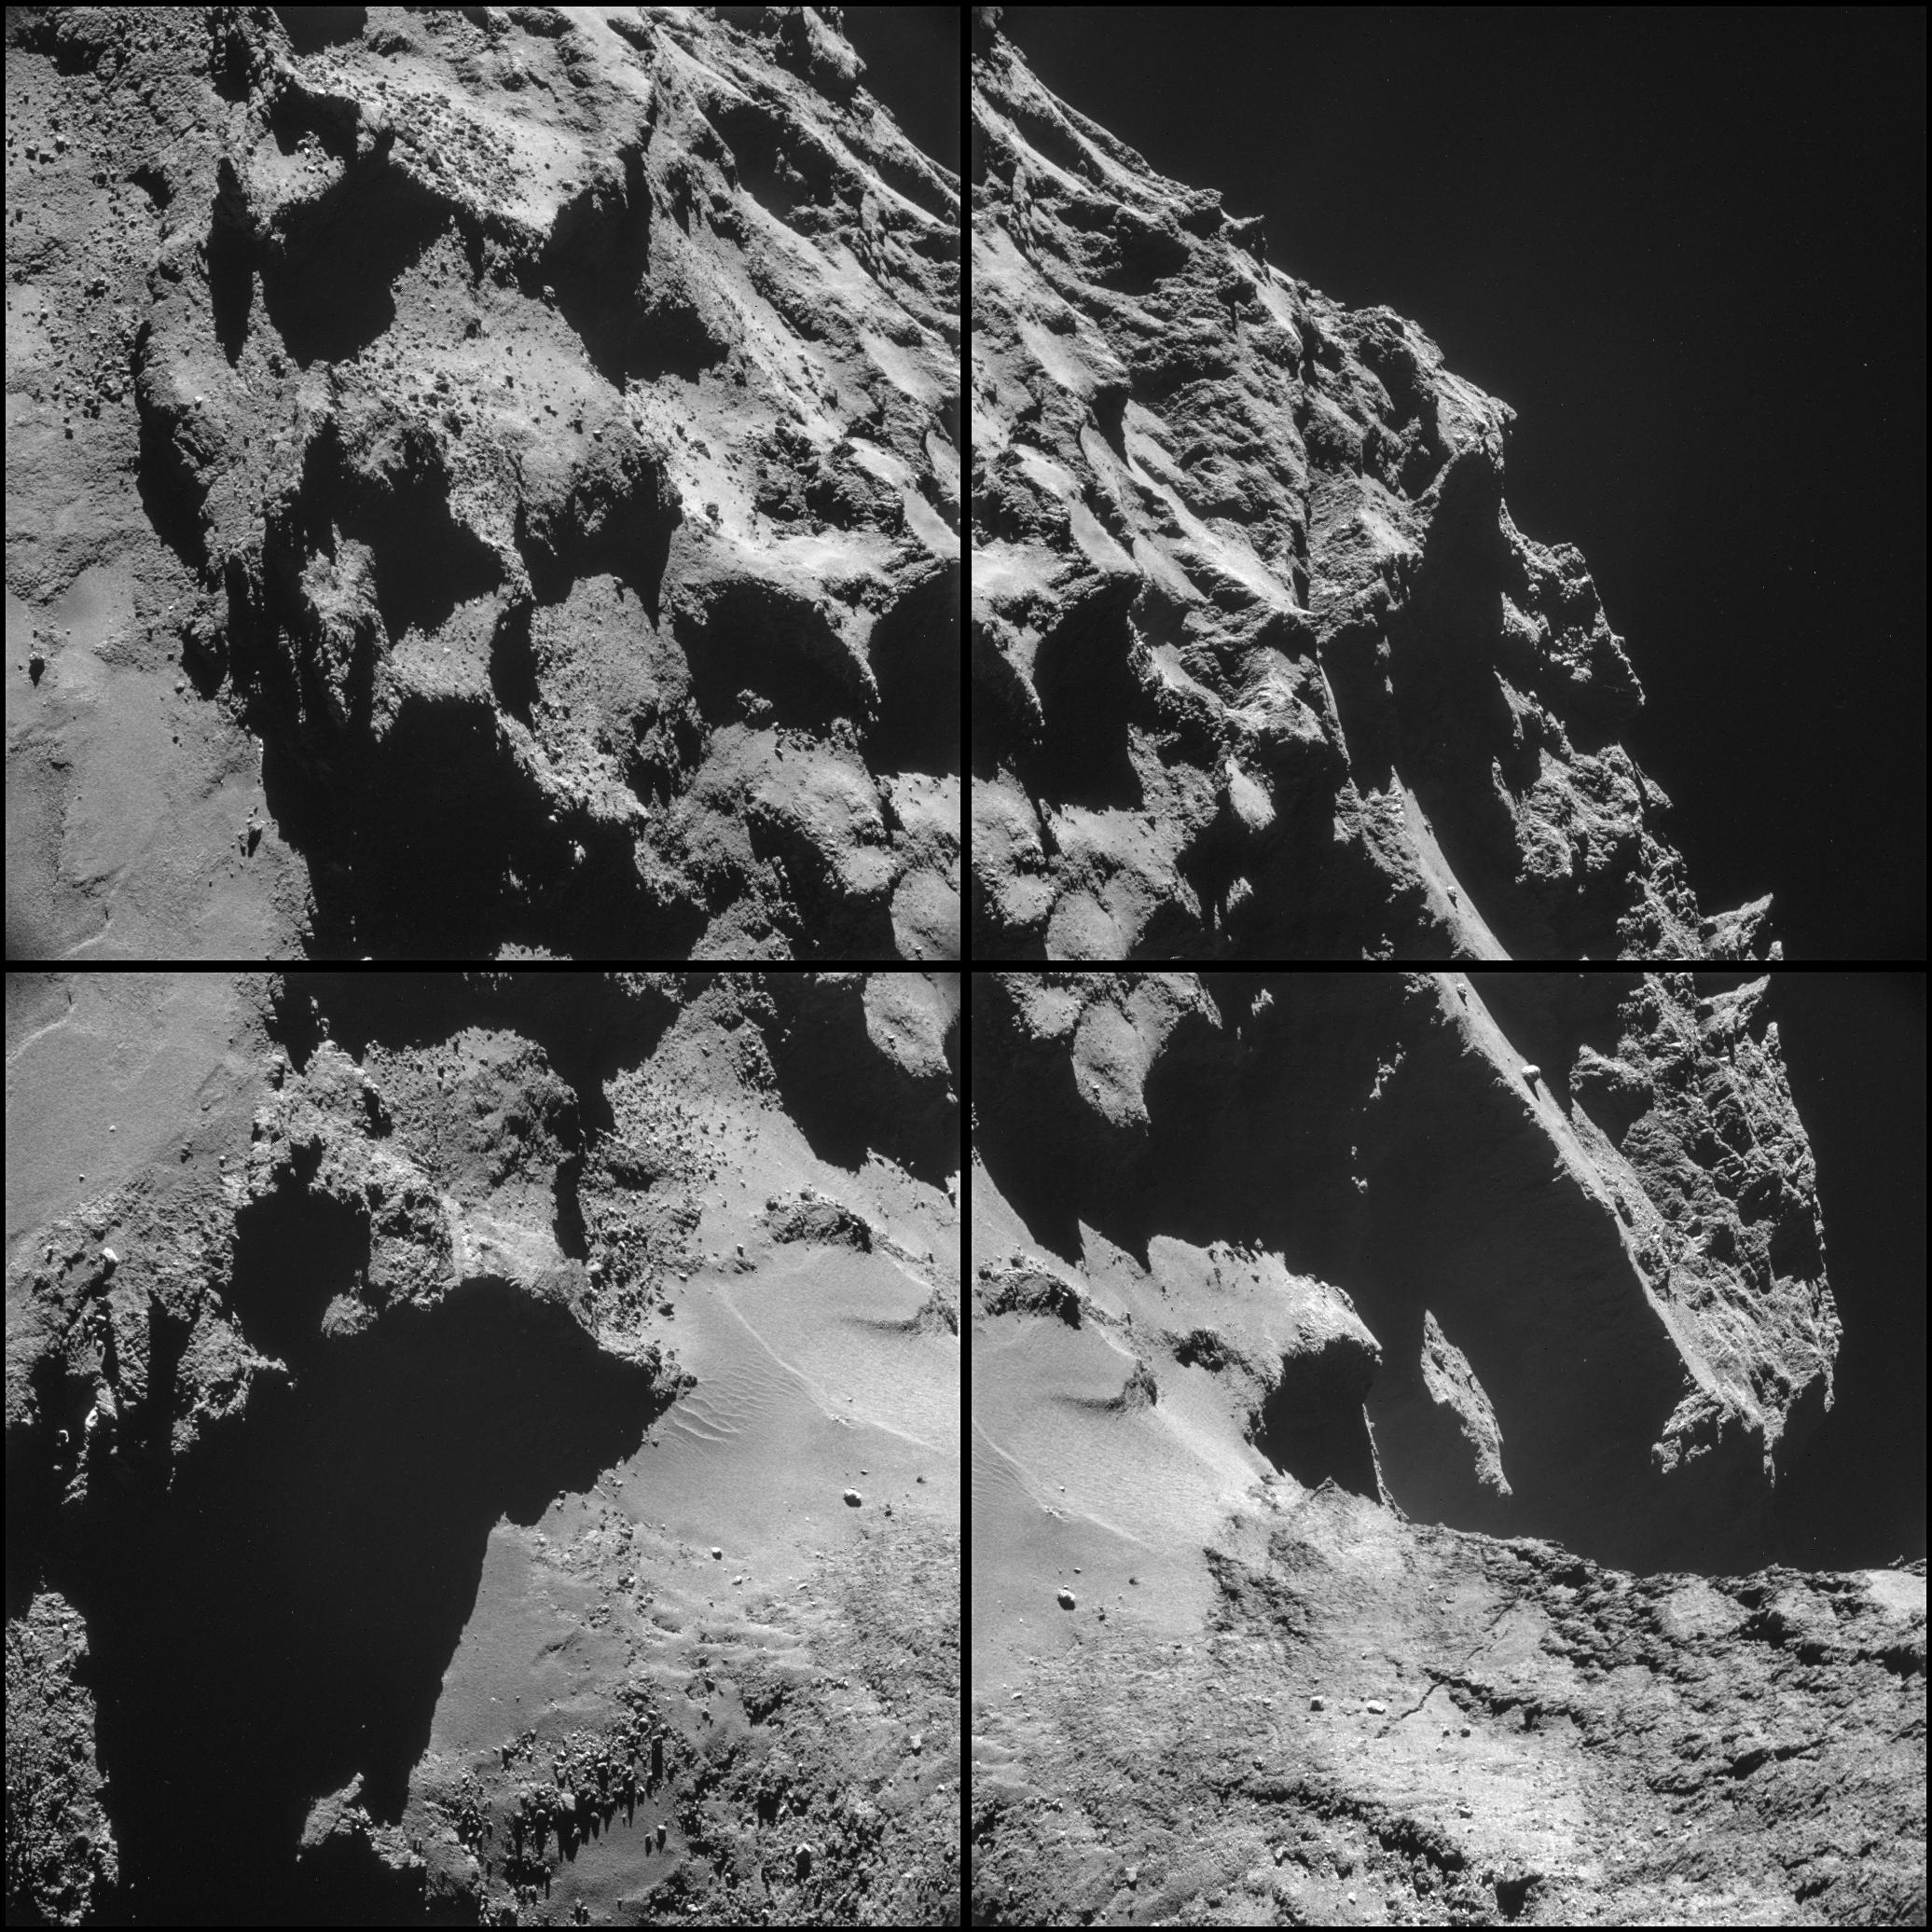 Comet_on_24_October_NavCam.jpg